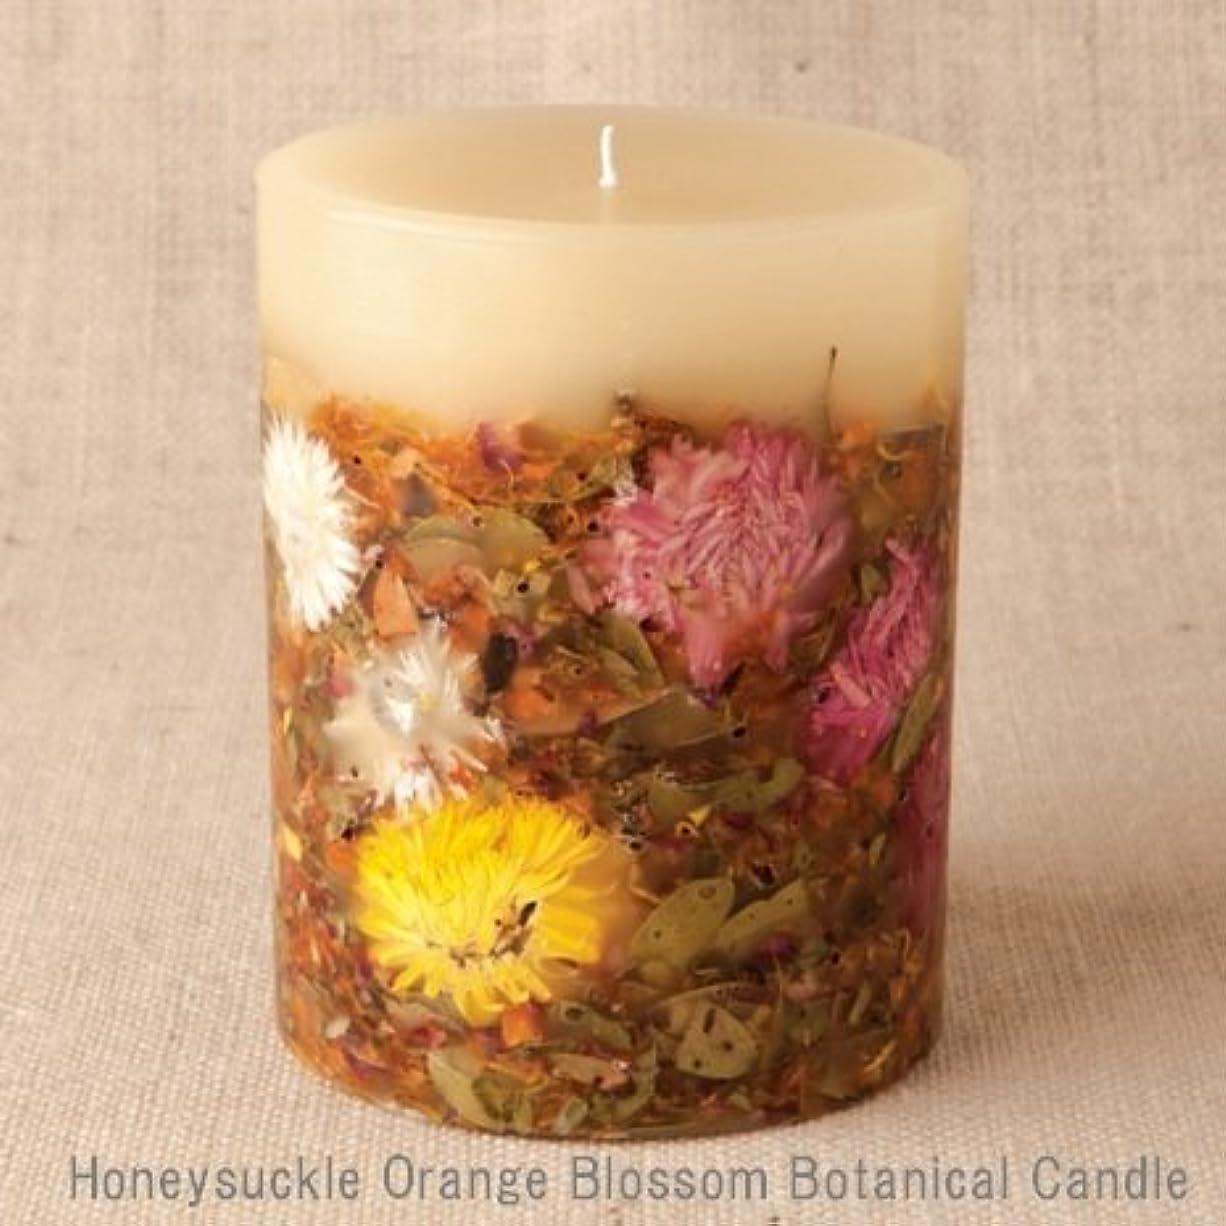 保存パノラマ財布【Rosy Rings ロージーリングス】 Botanical candle キャンドル ハニーサックルオレンジ&ブロッサム